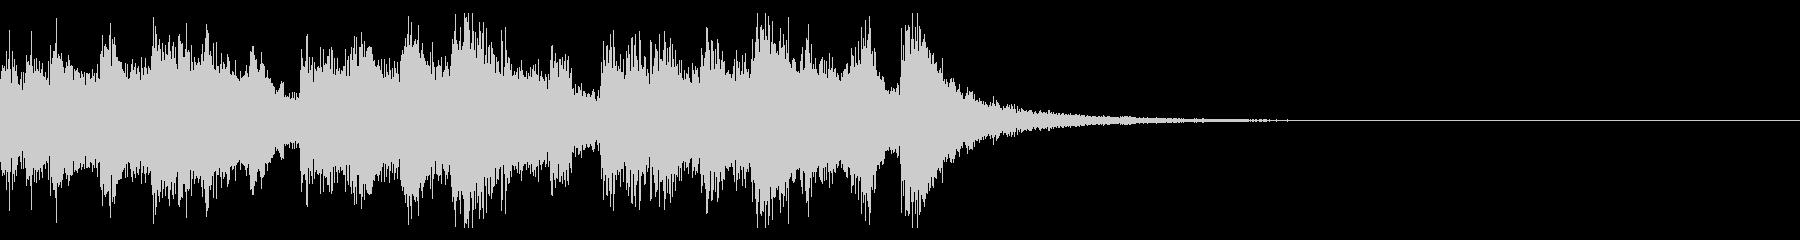 ファンファーレ_08の未再生の波形